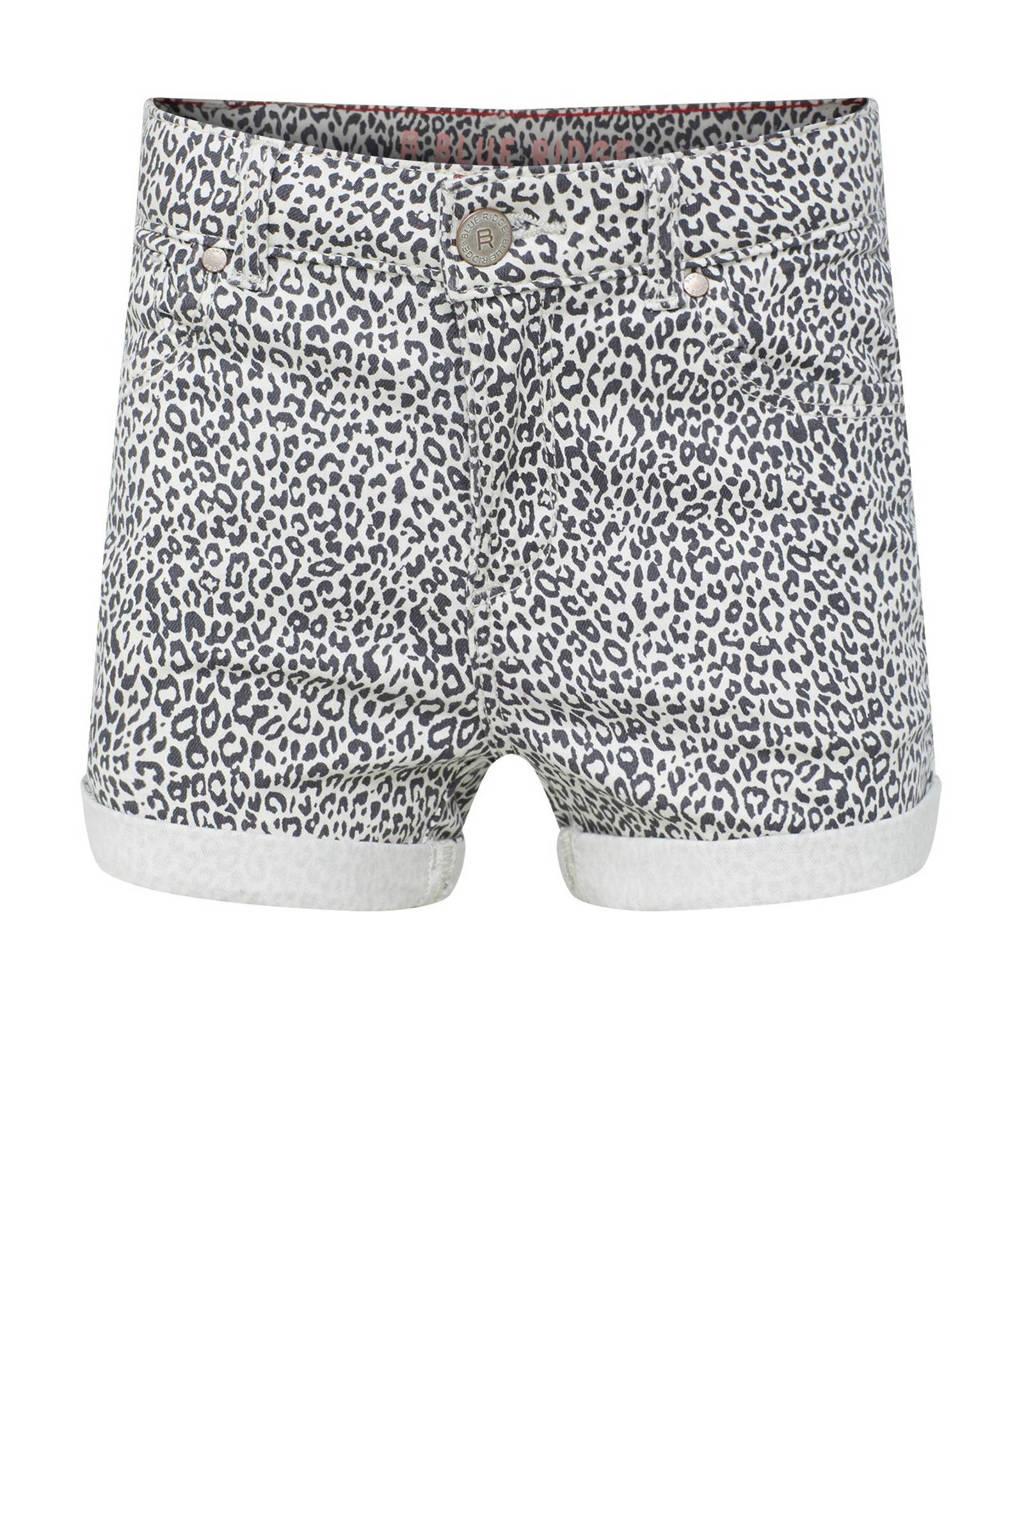 Ongebruikt WE Fashion Blue Ridge korte broek met panterprint wit/zwart | wehkamp BA-35